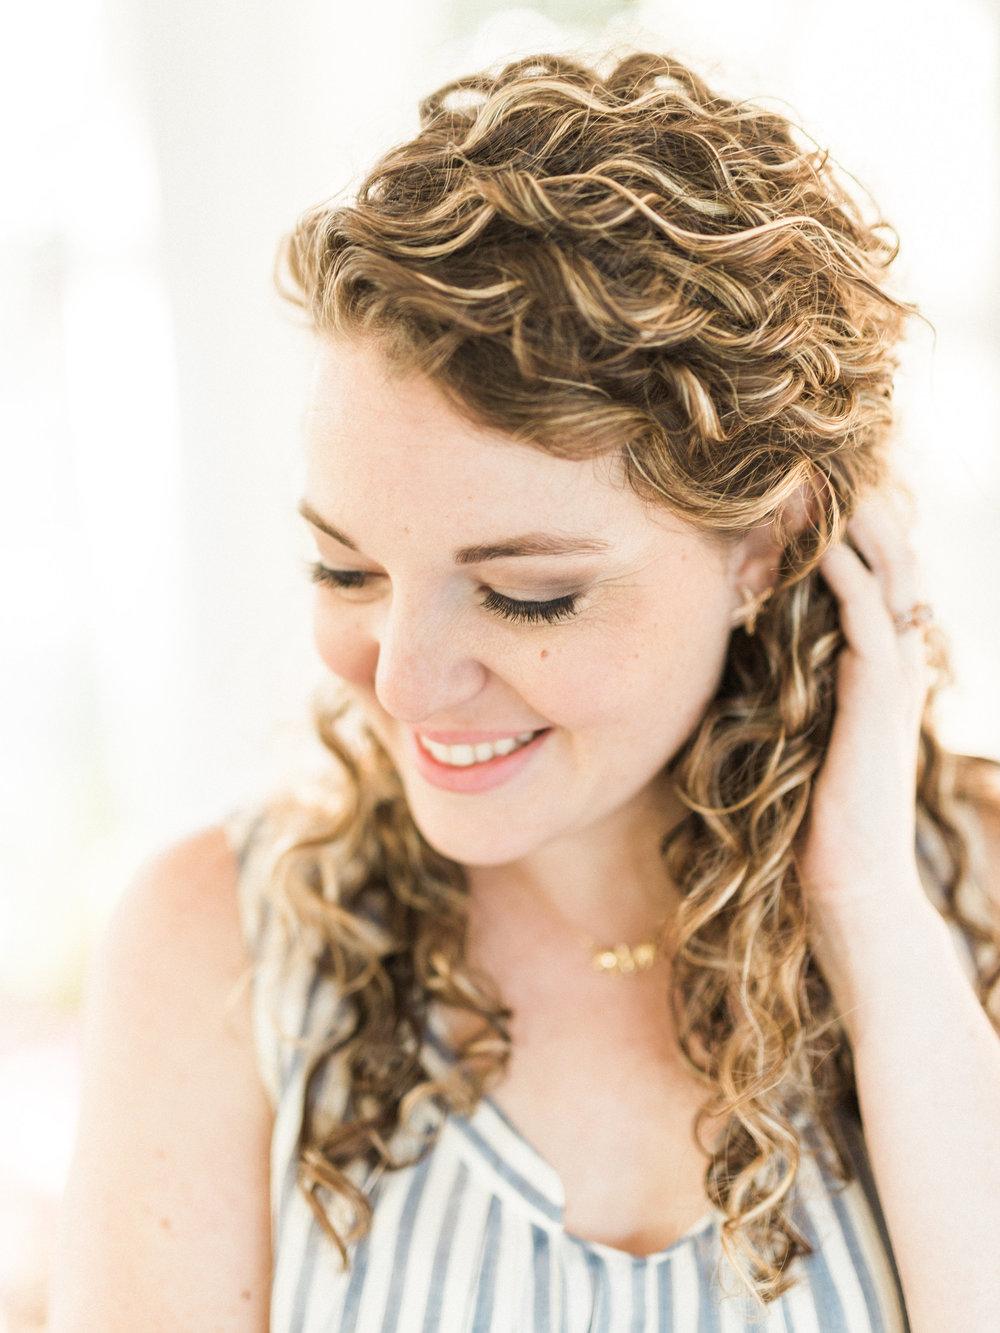 Lynchburg Virginia Wedding Photographer || Charlottesville Wedding Photographer || Ashley Eiban Photography || www.ashleyeiban.com